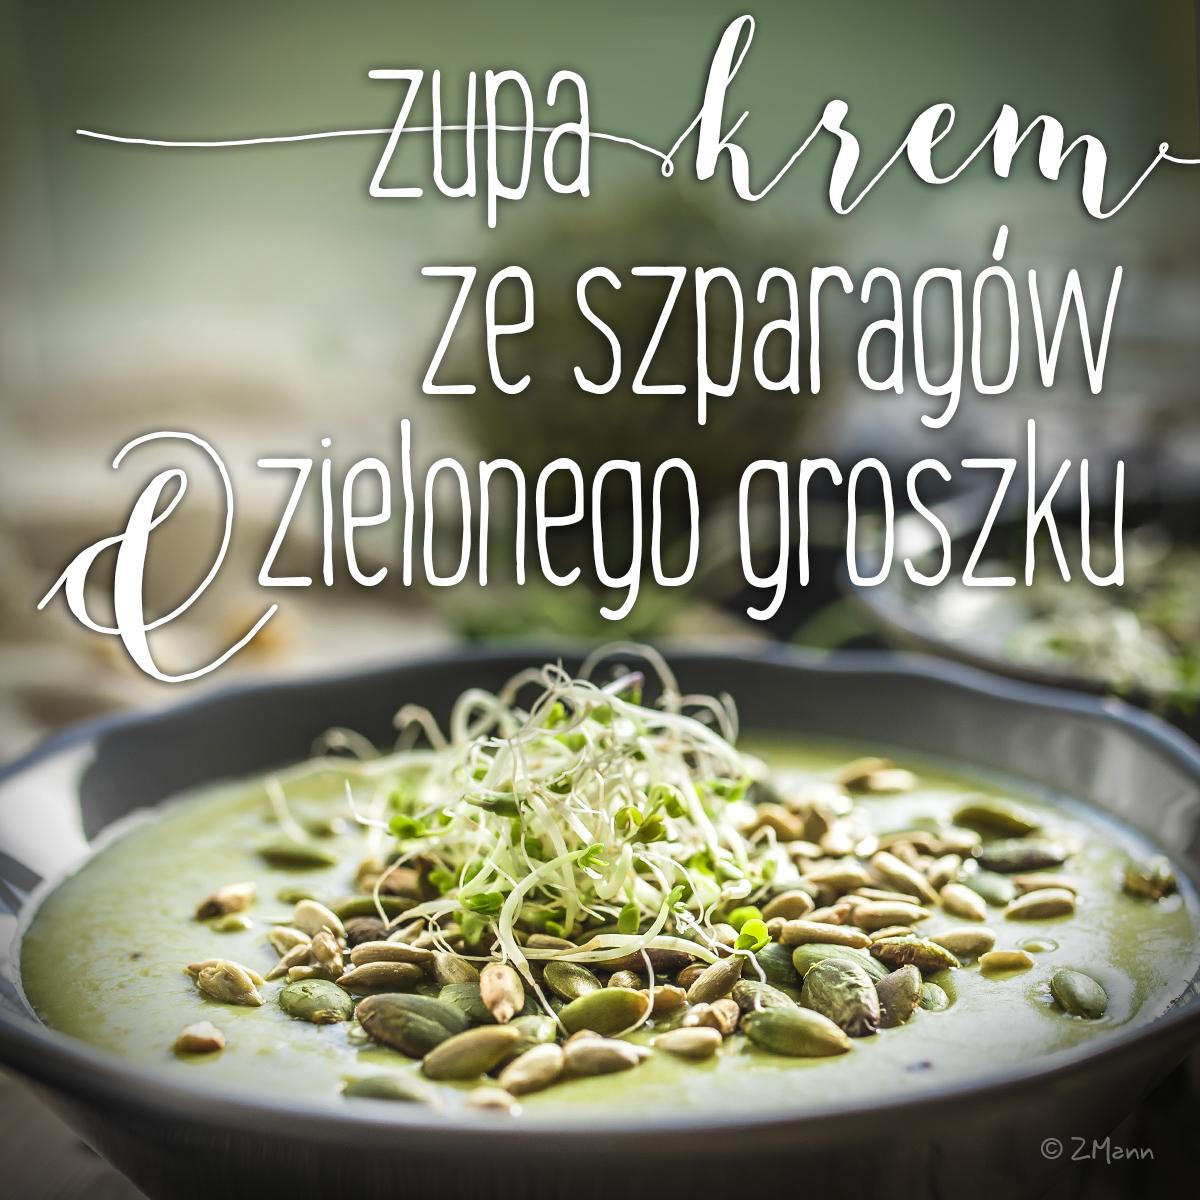 zupa-krem ze szparagów i zielonego groszku . edycja 2